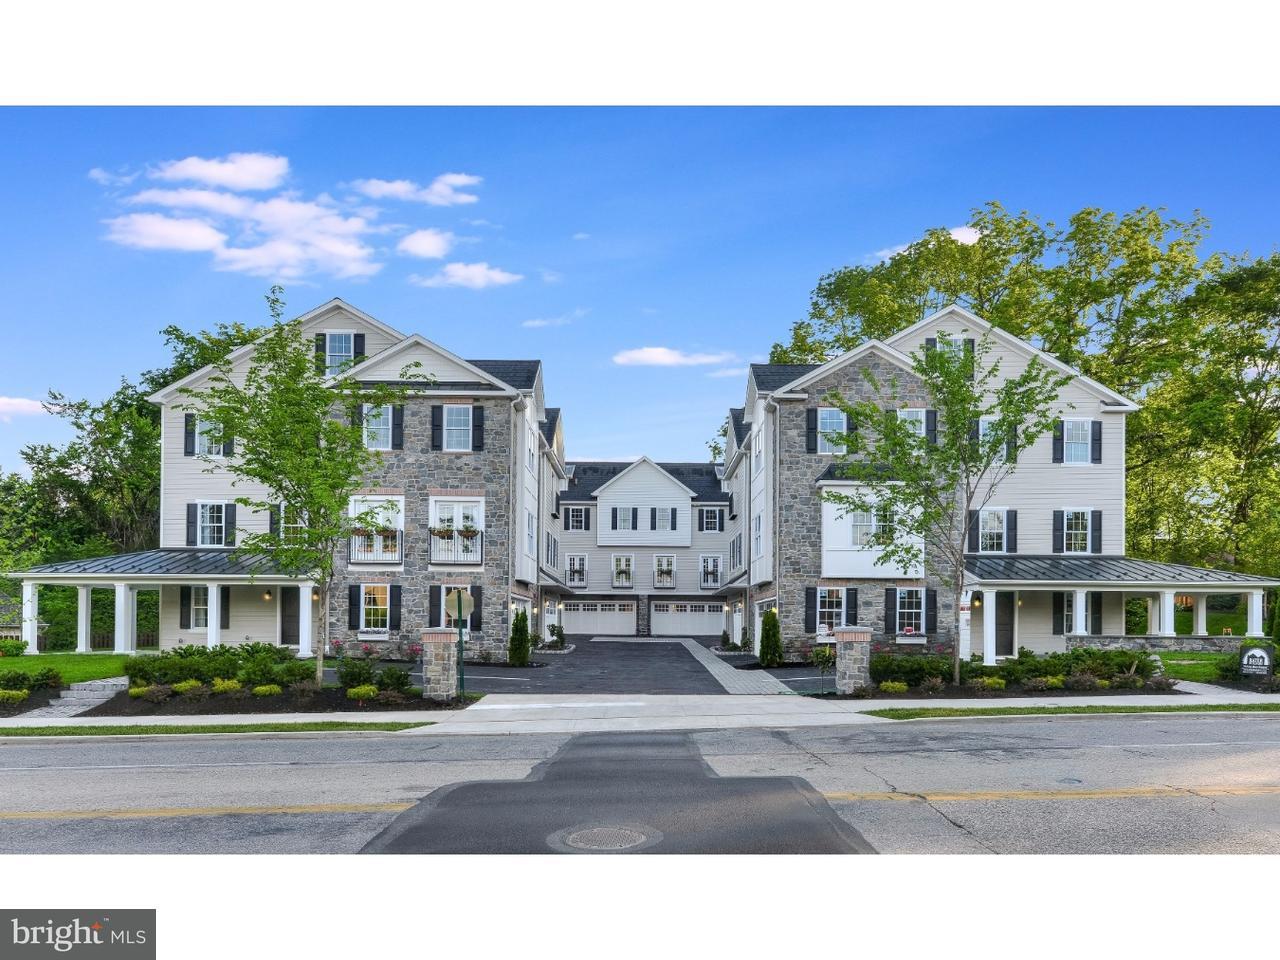 Condominium for Sale at 221 MONTGOMERY Avenue Ardmore, Pennsylvania 19003 United States